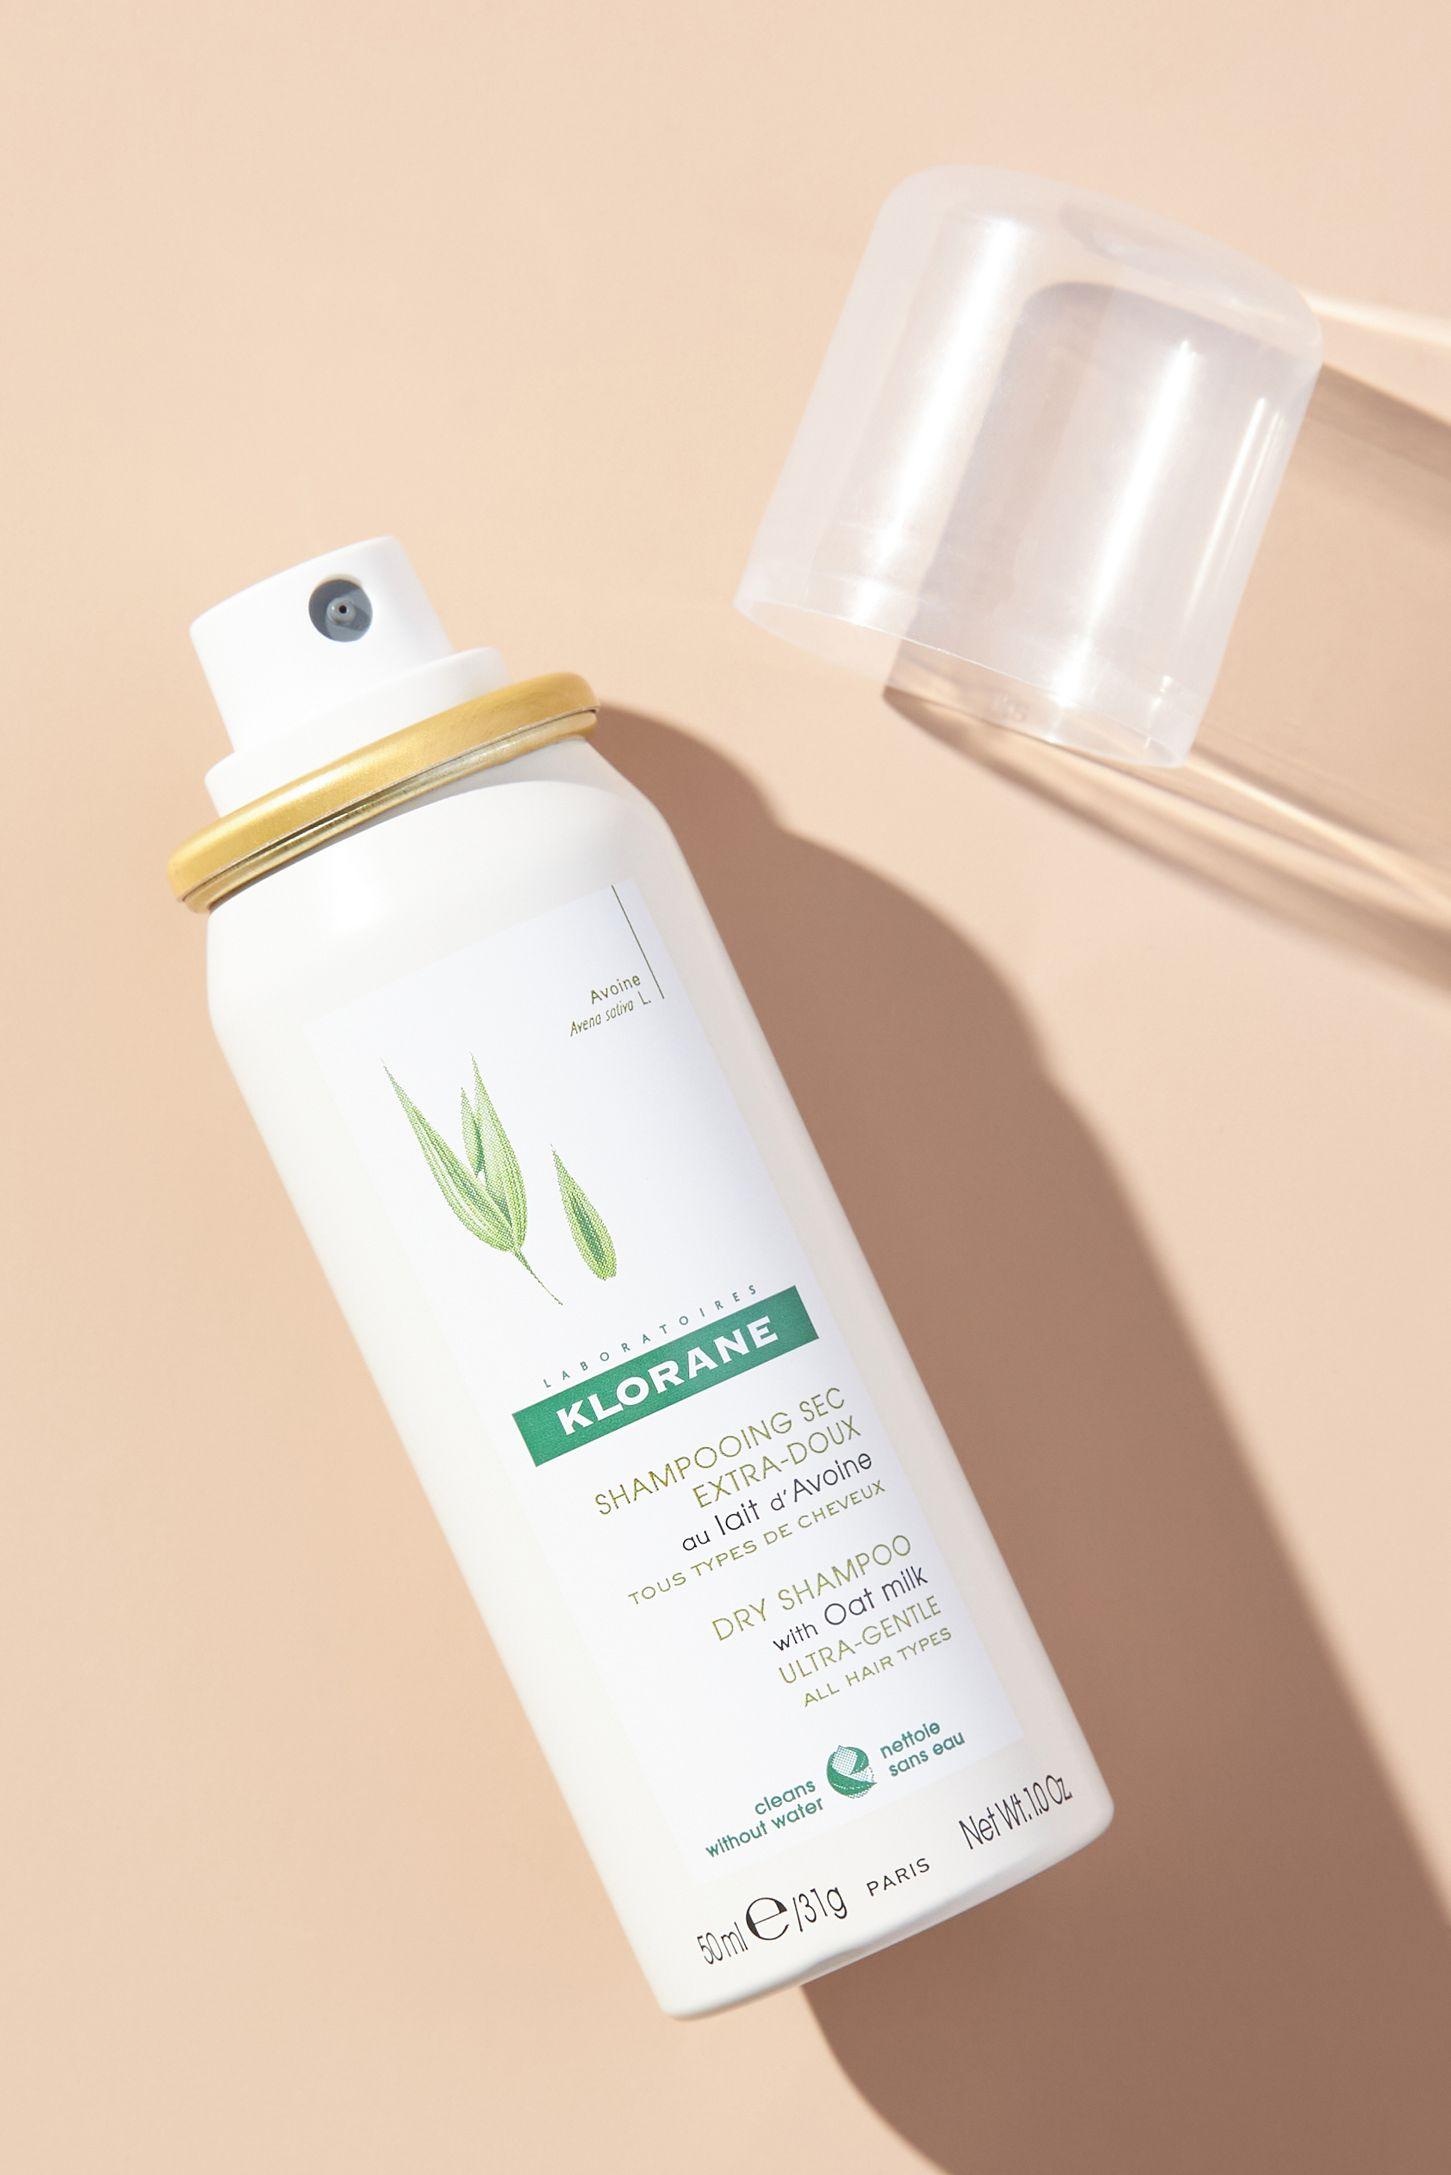 Klorane Dry Shampoo Klorane Dry Shampoo With Oat Milk Travel Size Anthropologie